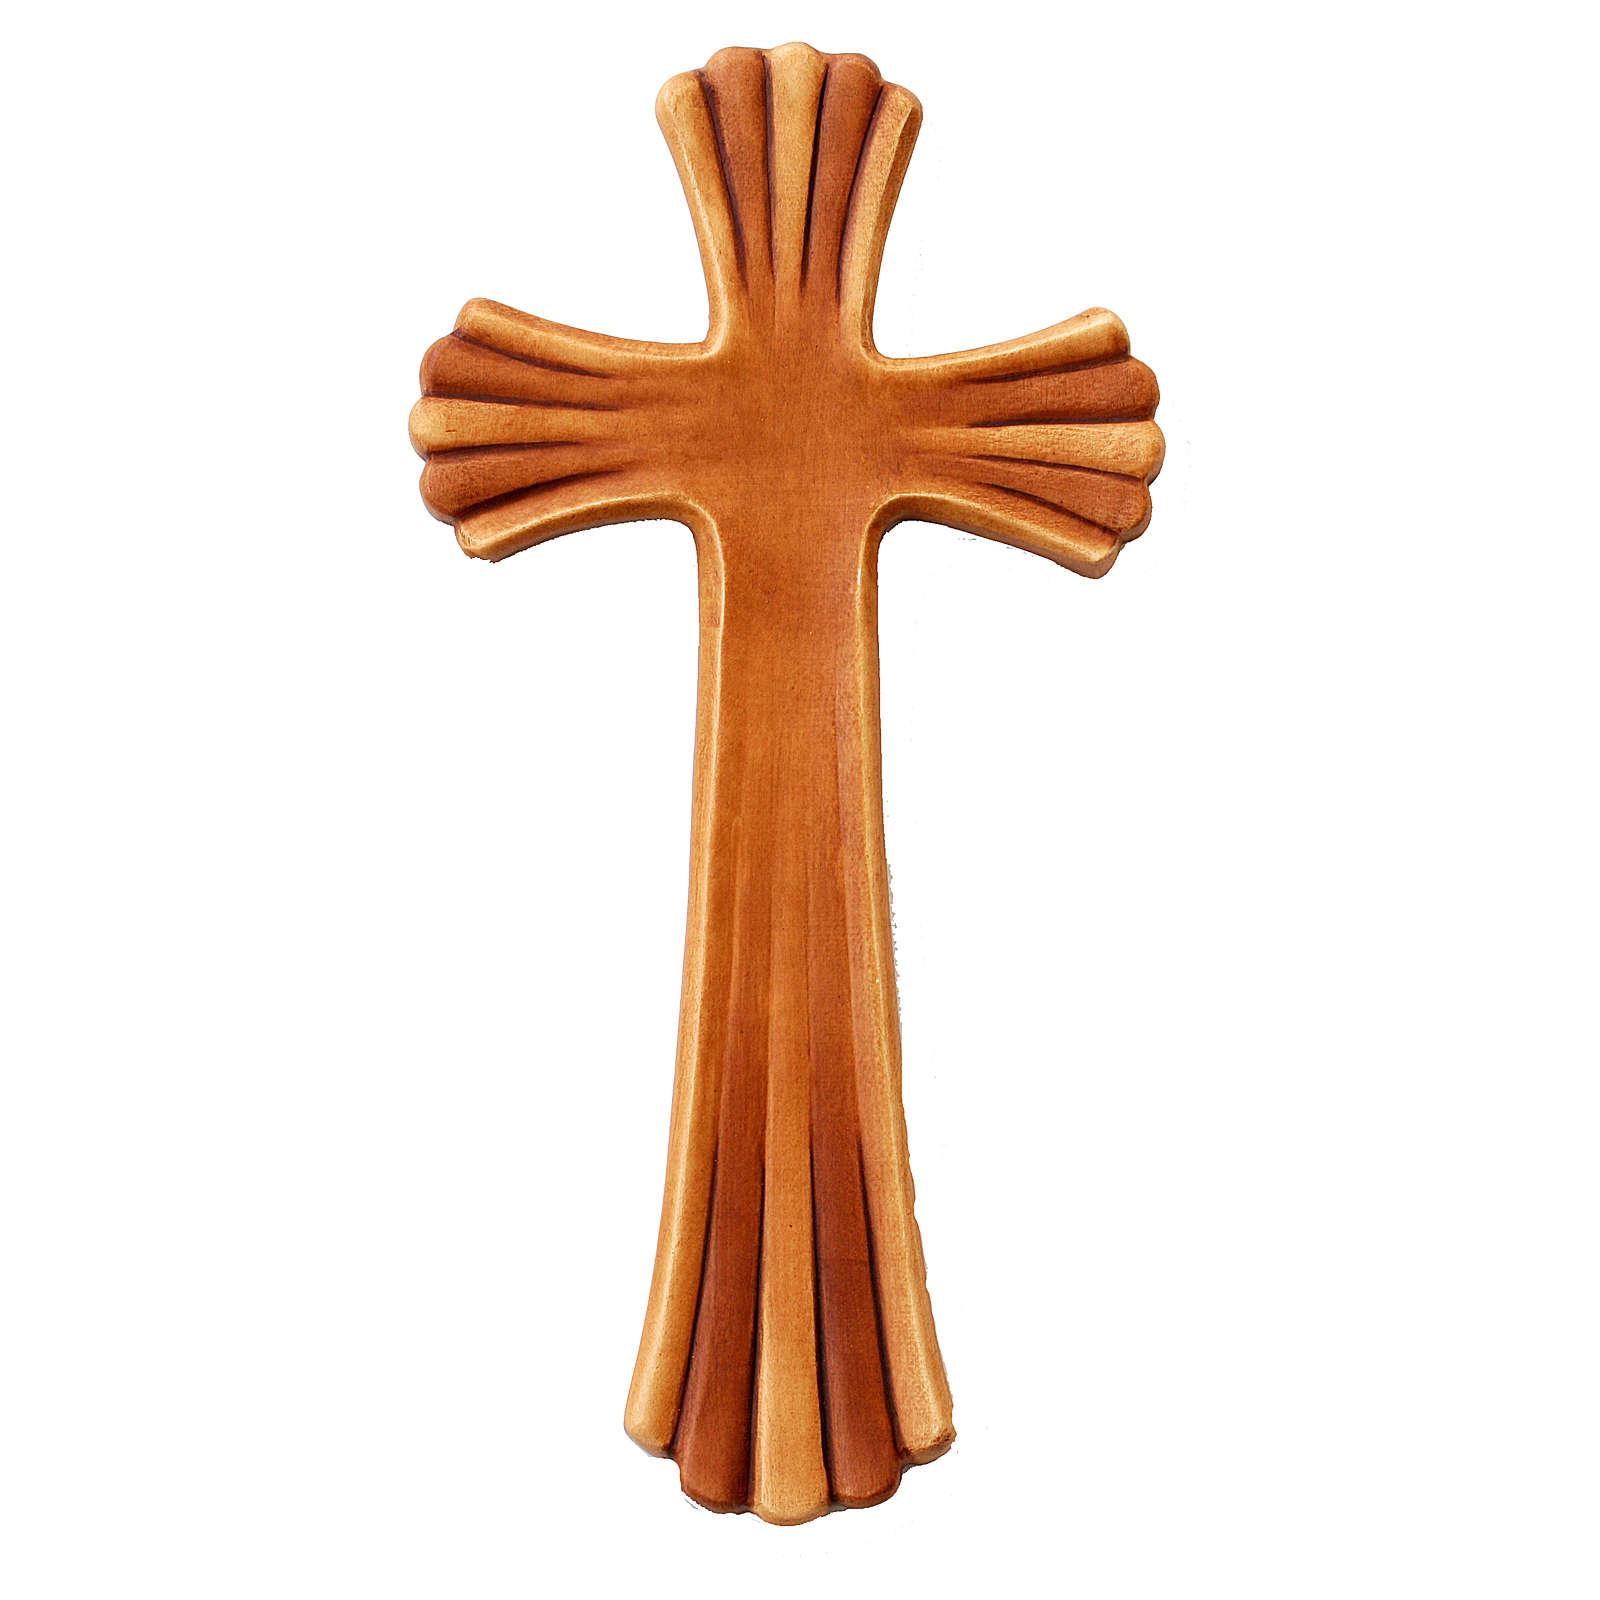 Croce Betlehem colore legno acero diverse tonalità marrone 4